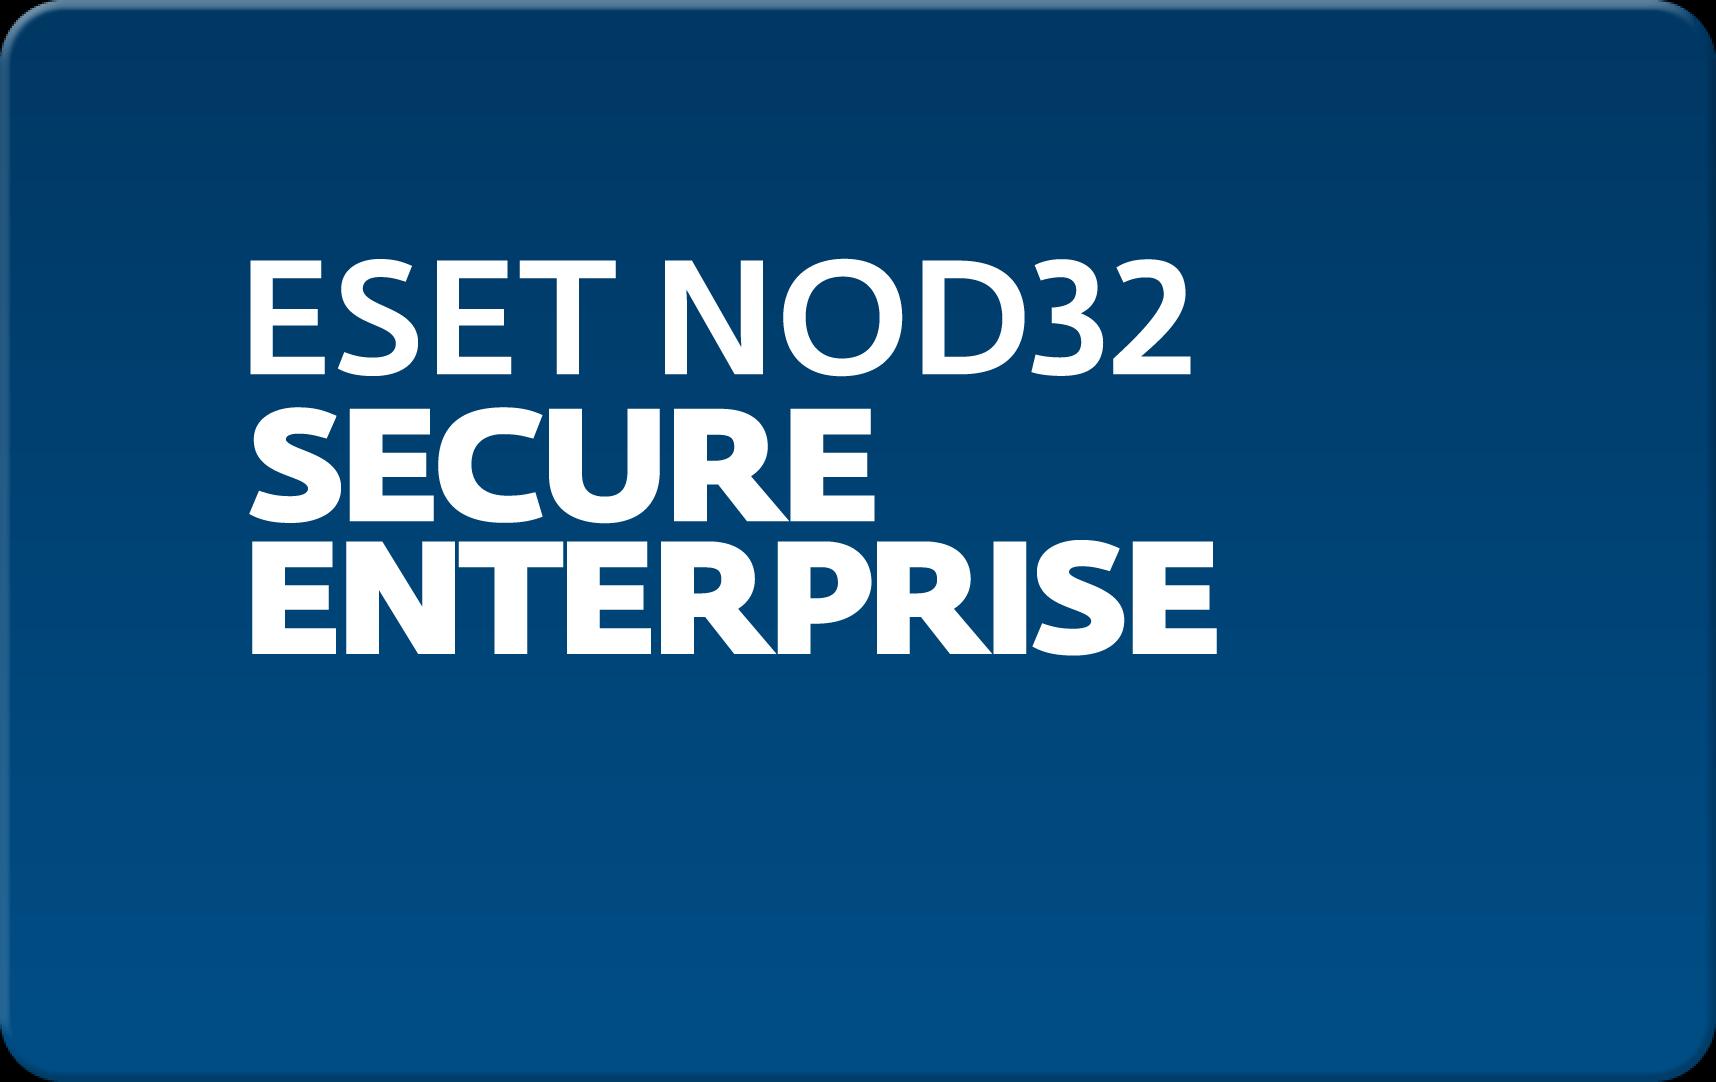 Кроссплатформенная антивирусная защита всех узлов корпоративной сети Eset NOD32 Secure Enterprise  для 194 пользователей